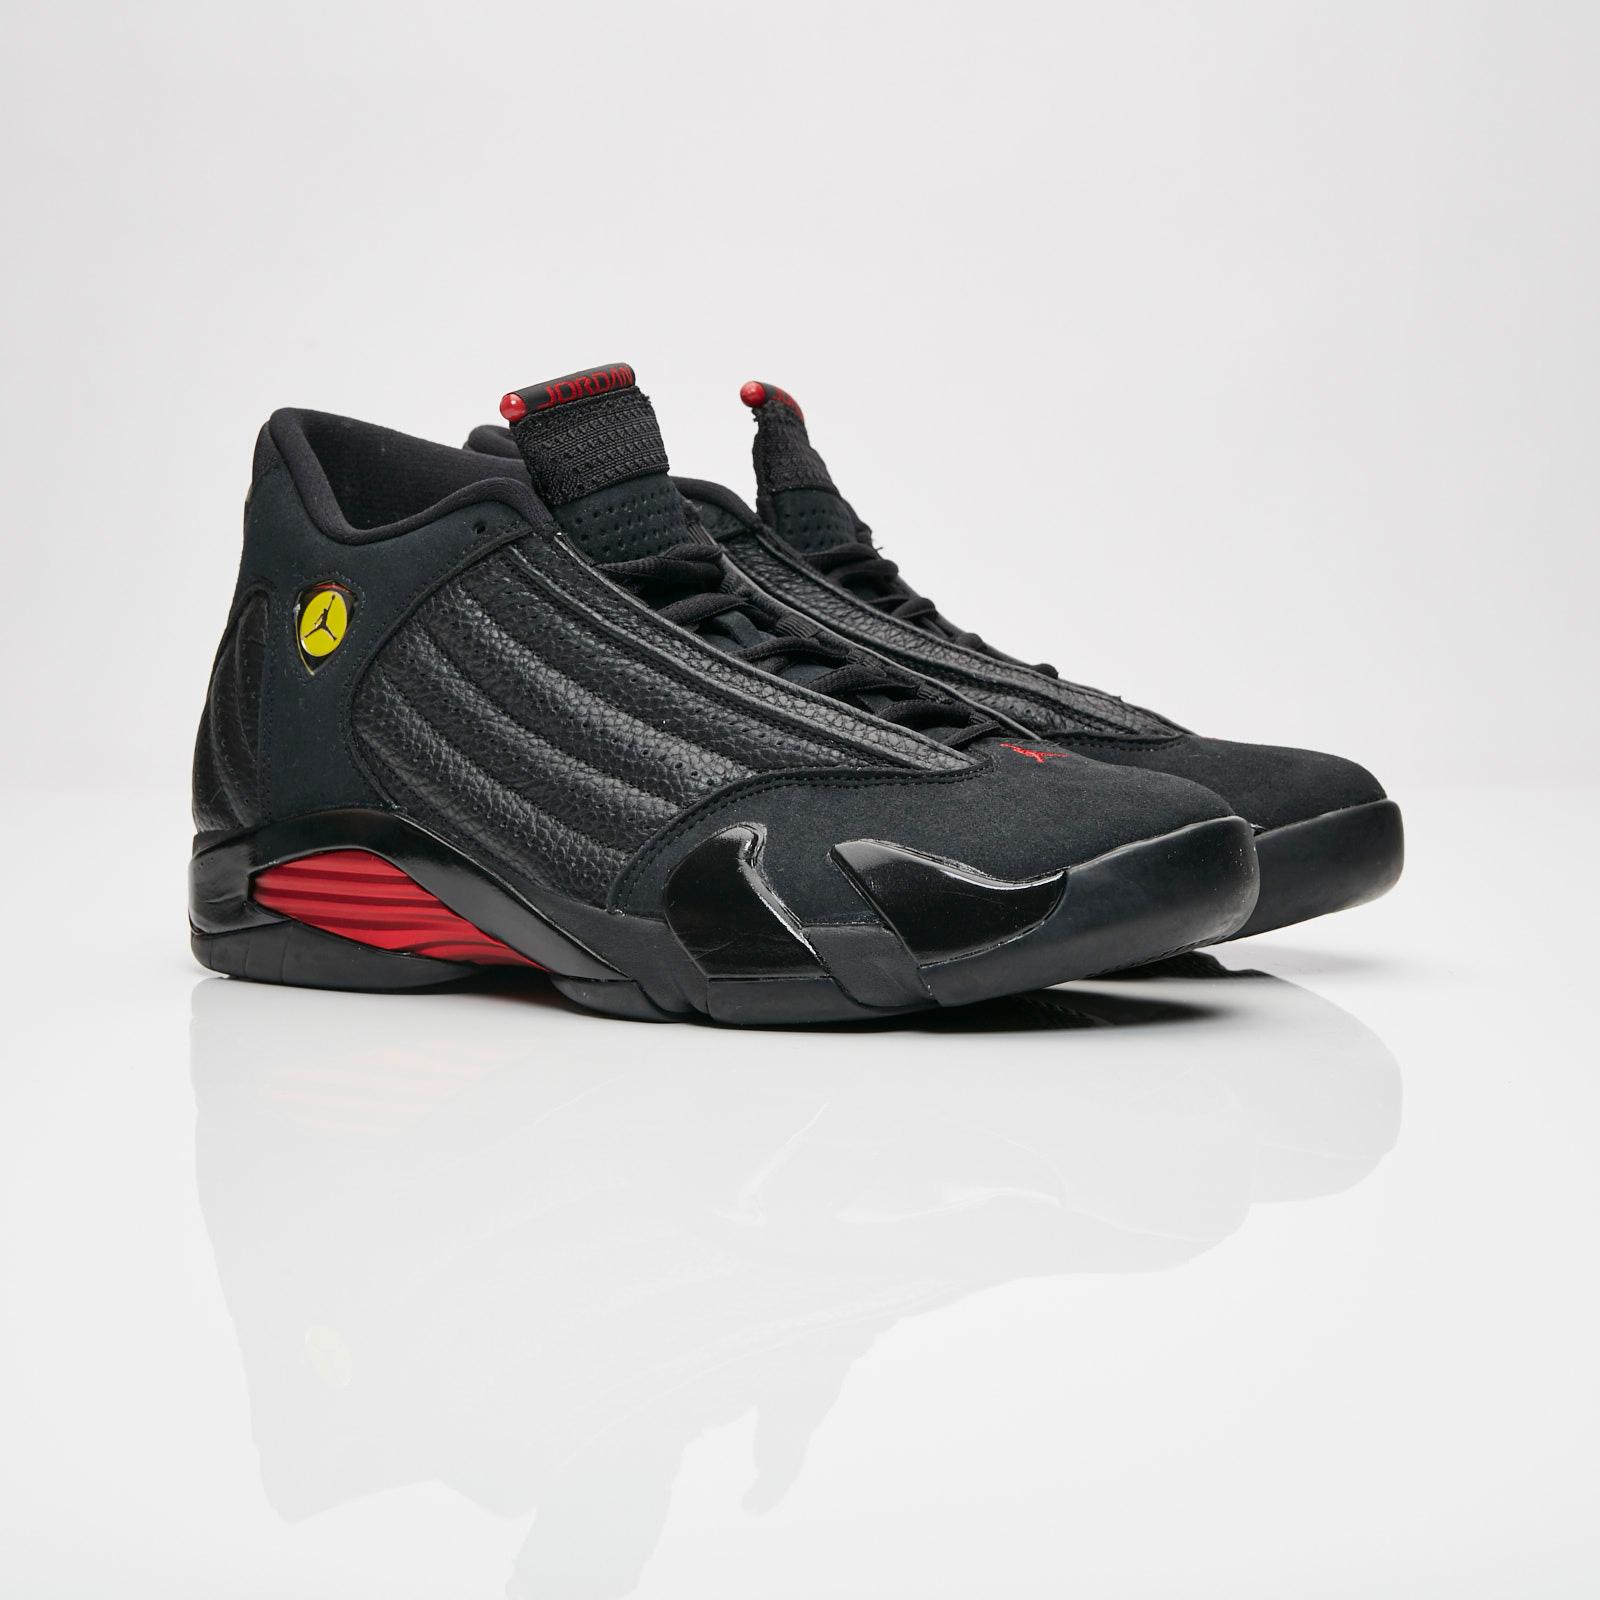 d075dd42d7cf Jordan Brand Air Jordan 14 Retro - 487471-003 - Sneakersnstuff ...